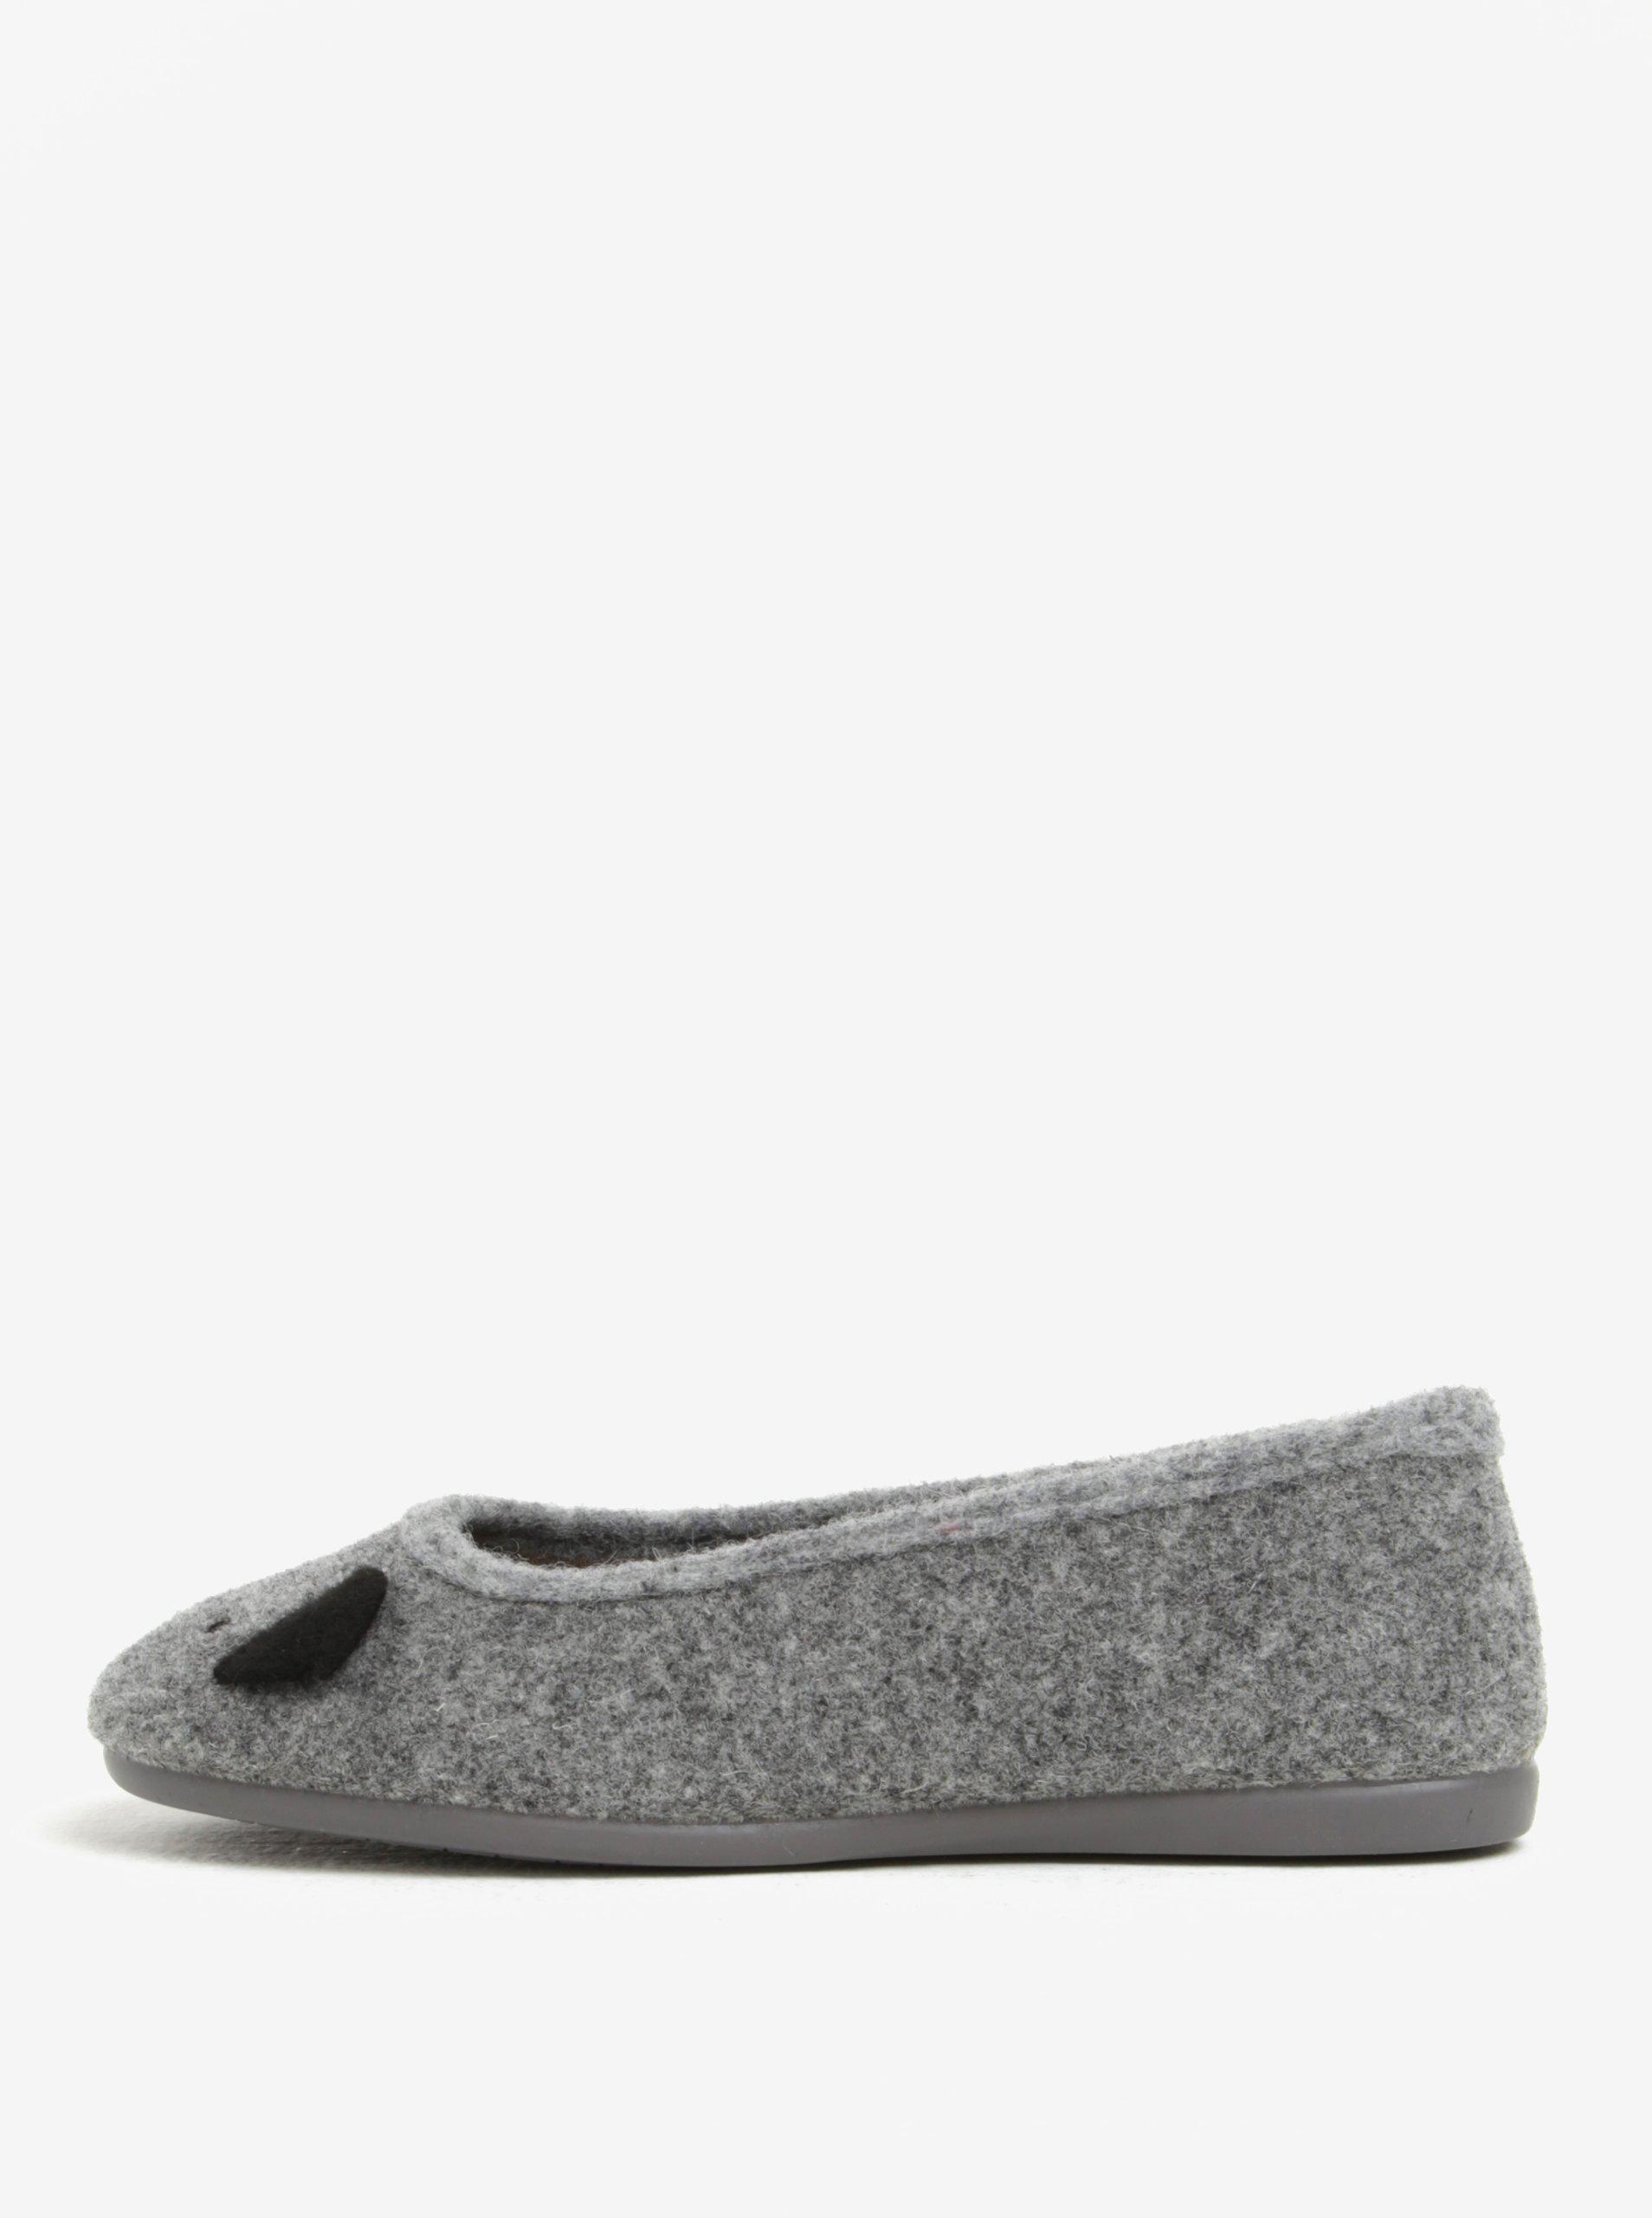 Šedé dámské papuče s motivem koaly OJJU